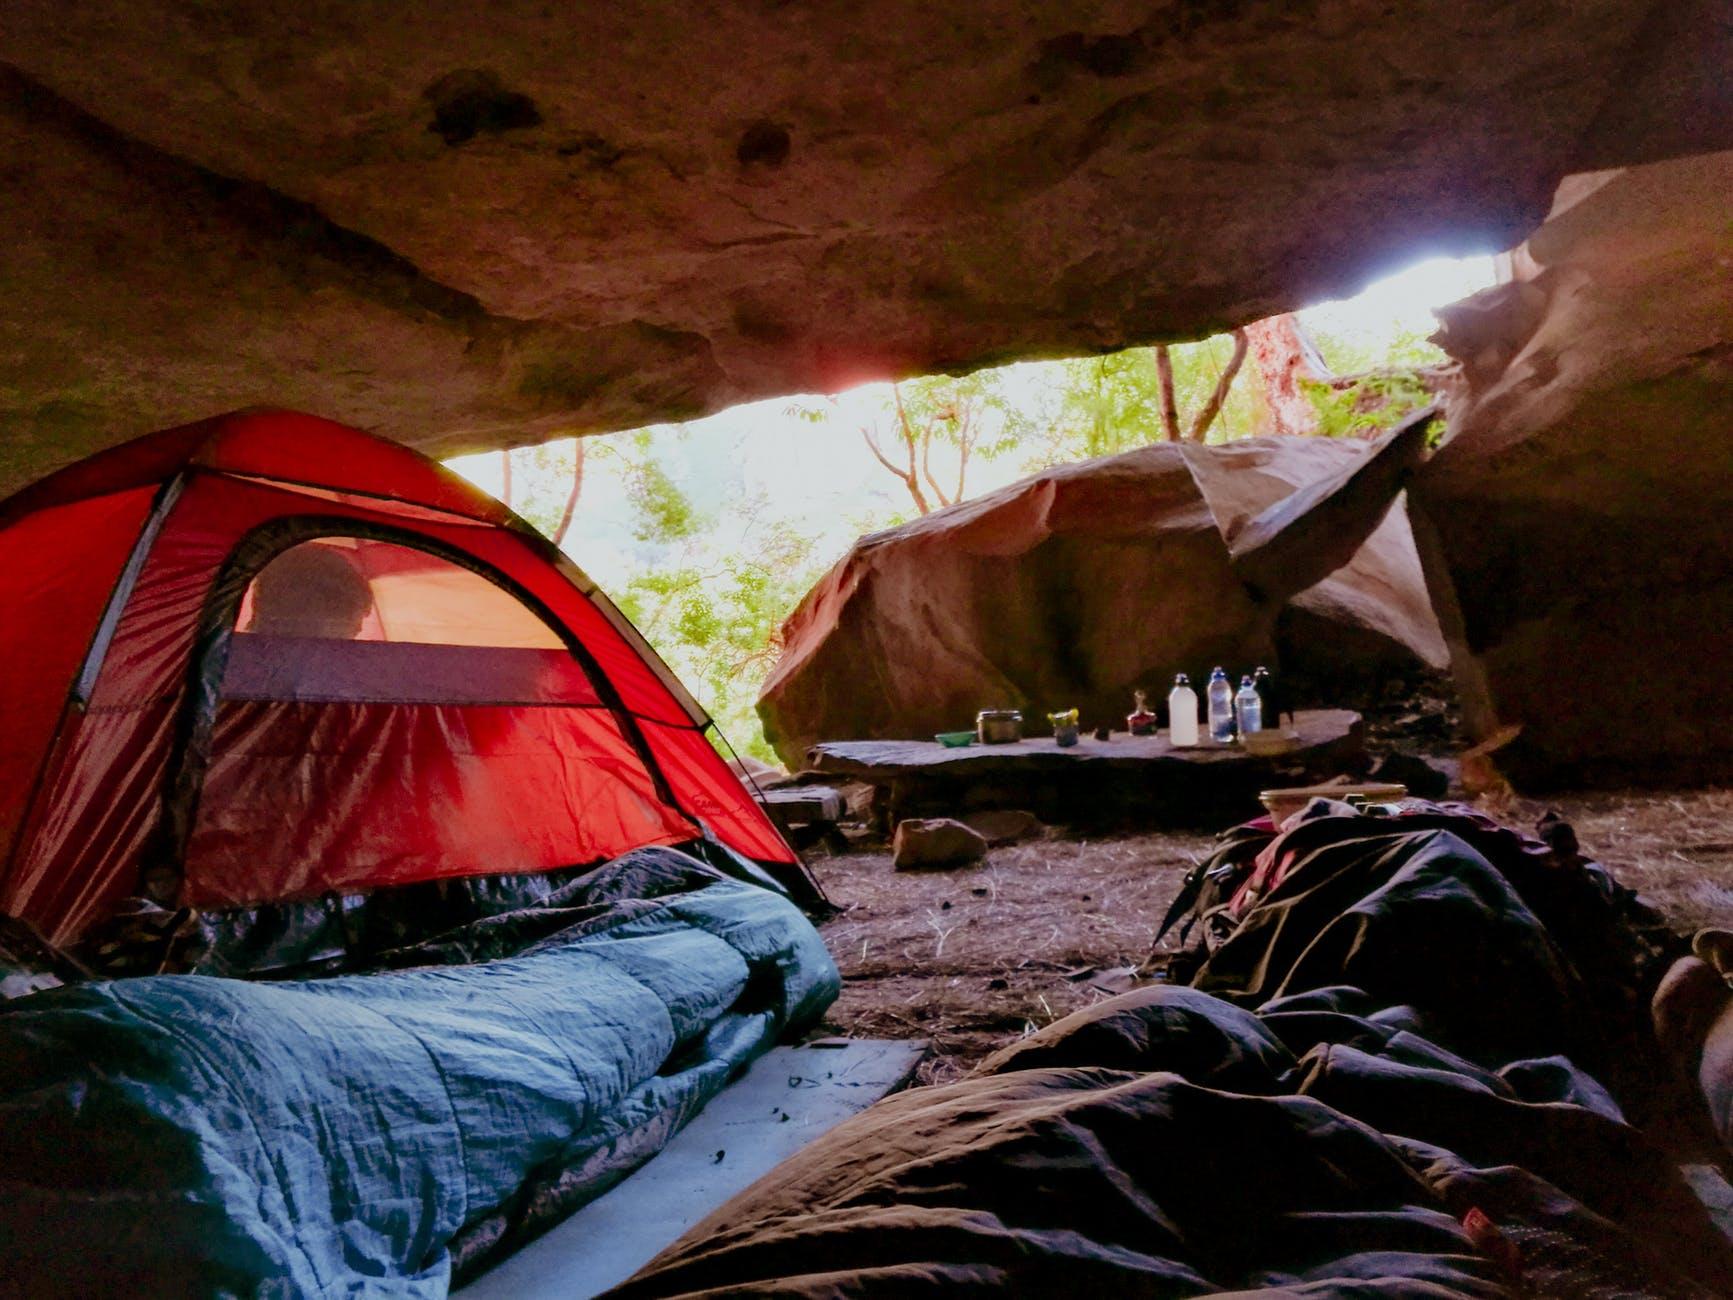 652_10-artículos-esenciales-para-acampar-que-son-fáciles-de-transportar